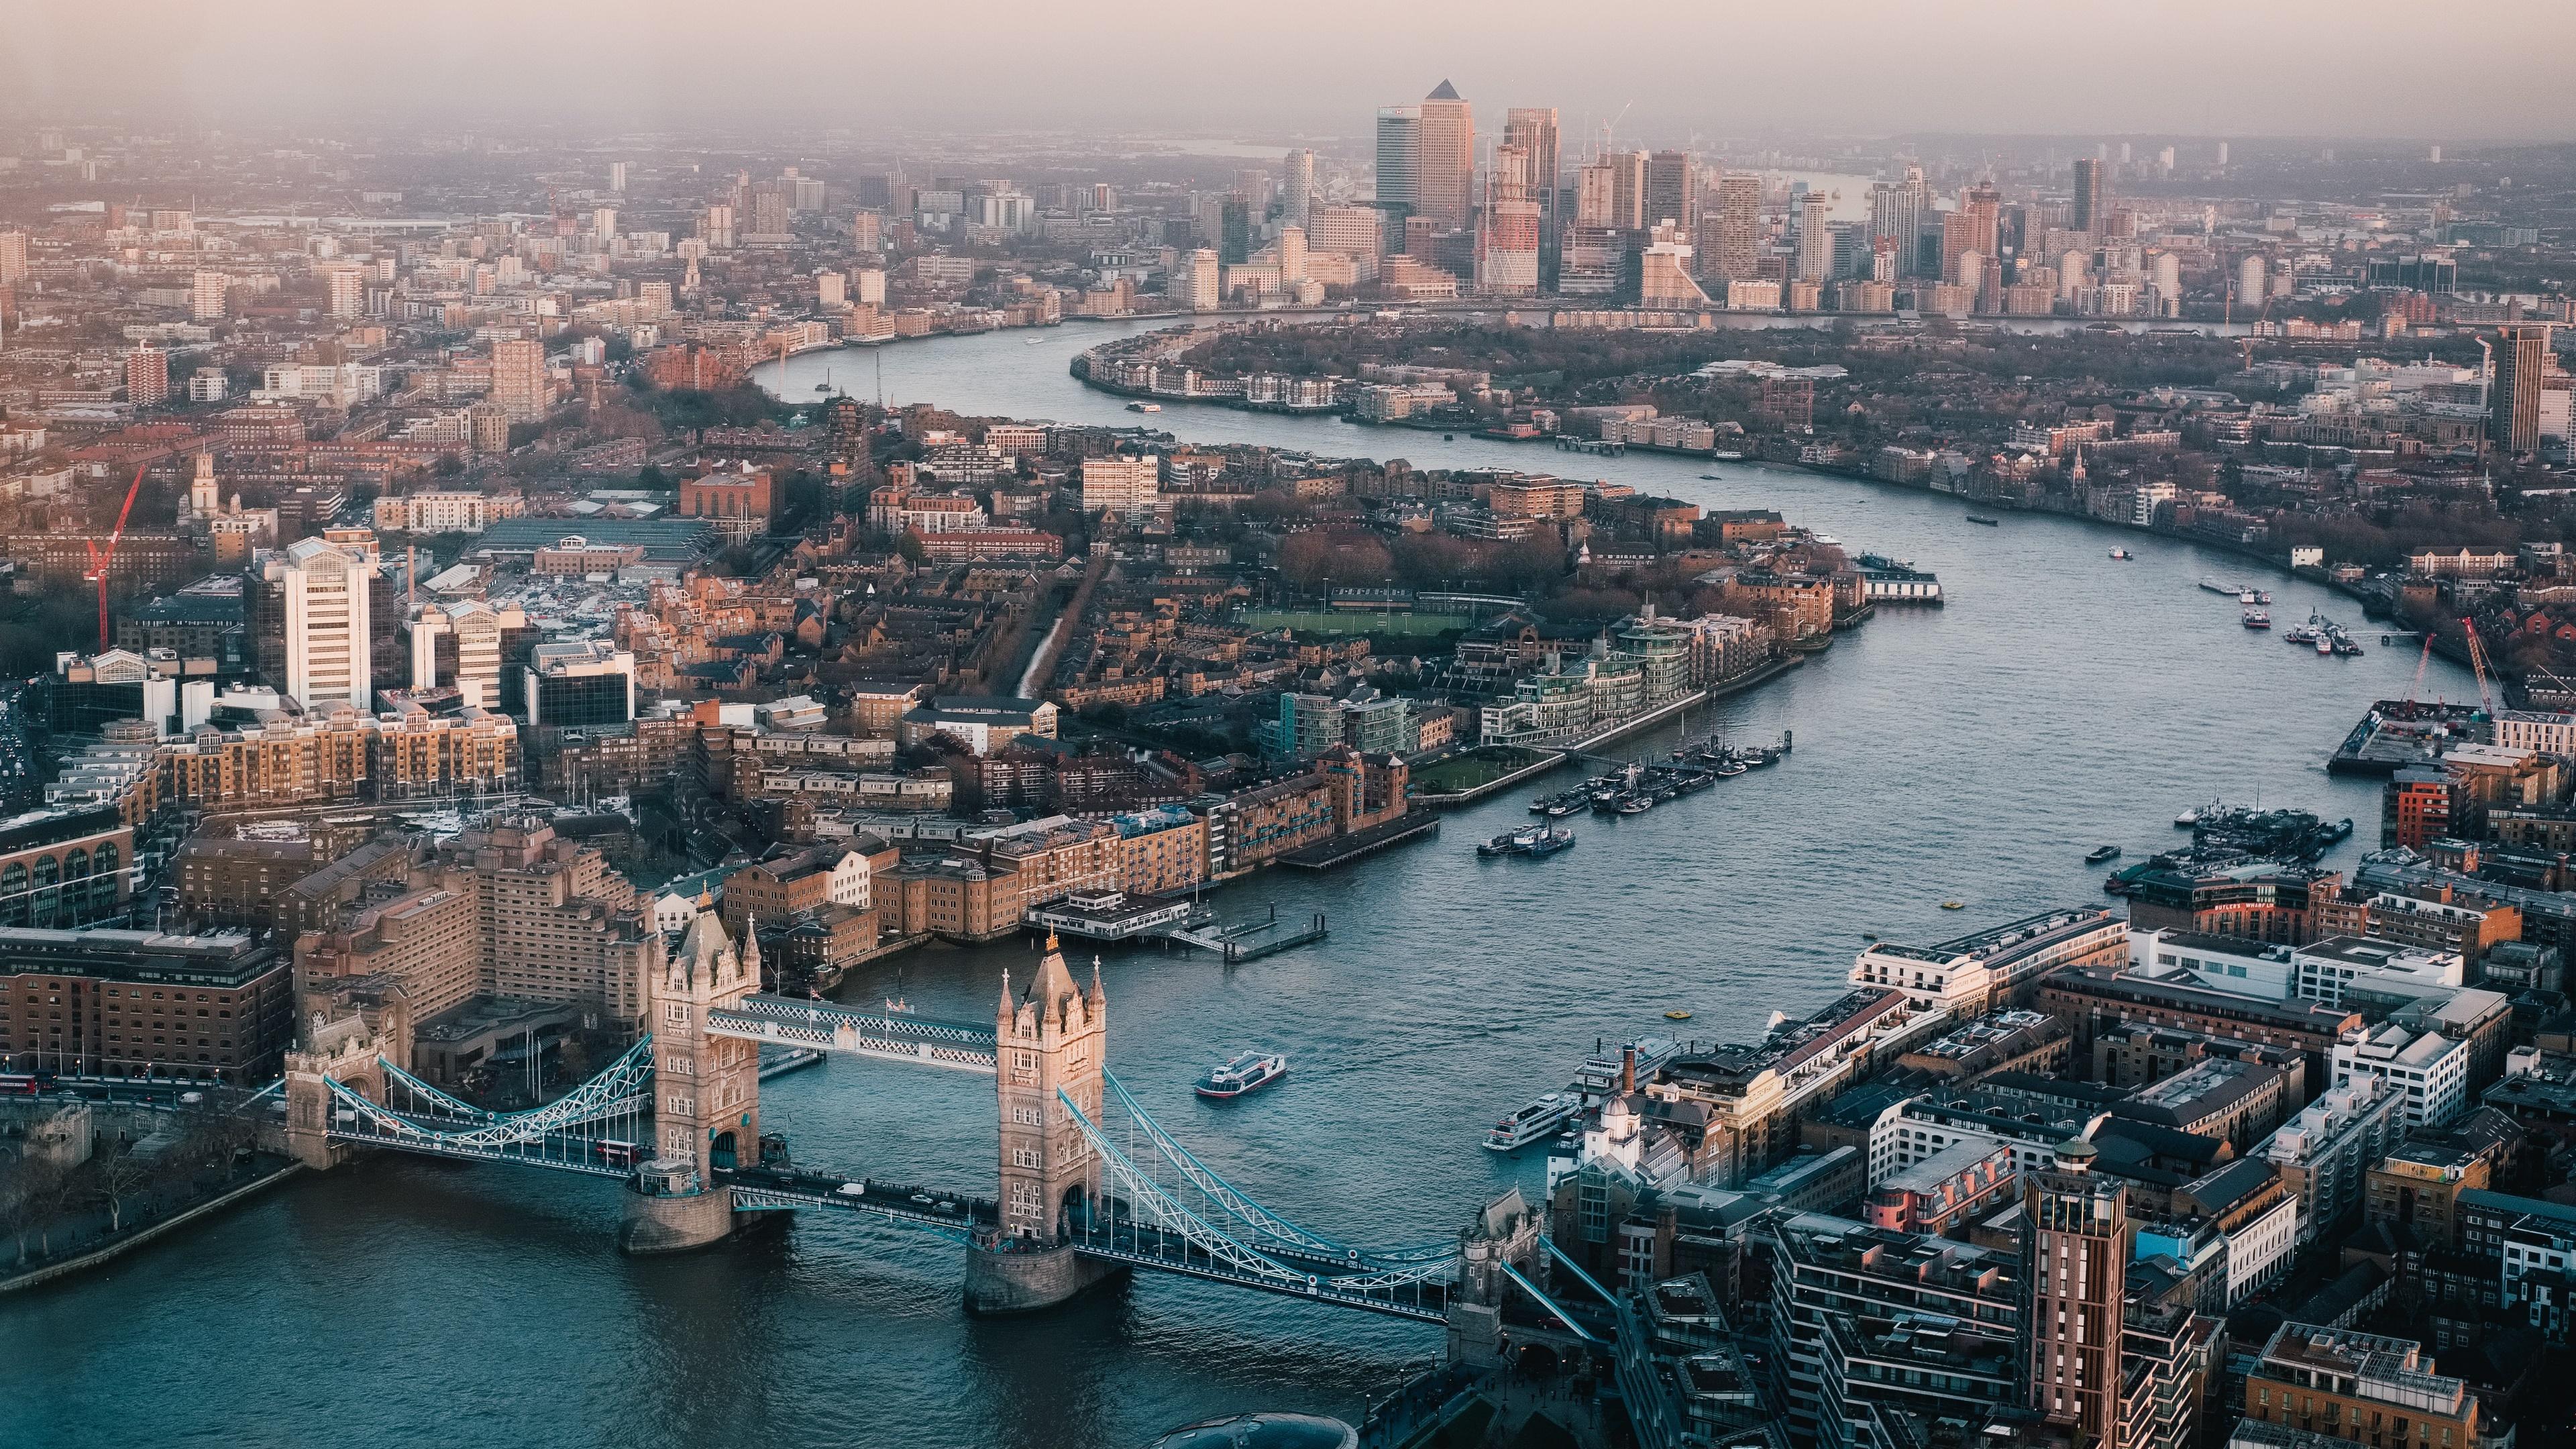 London skyline during daytime wallpaper